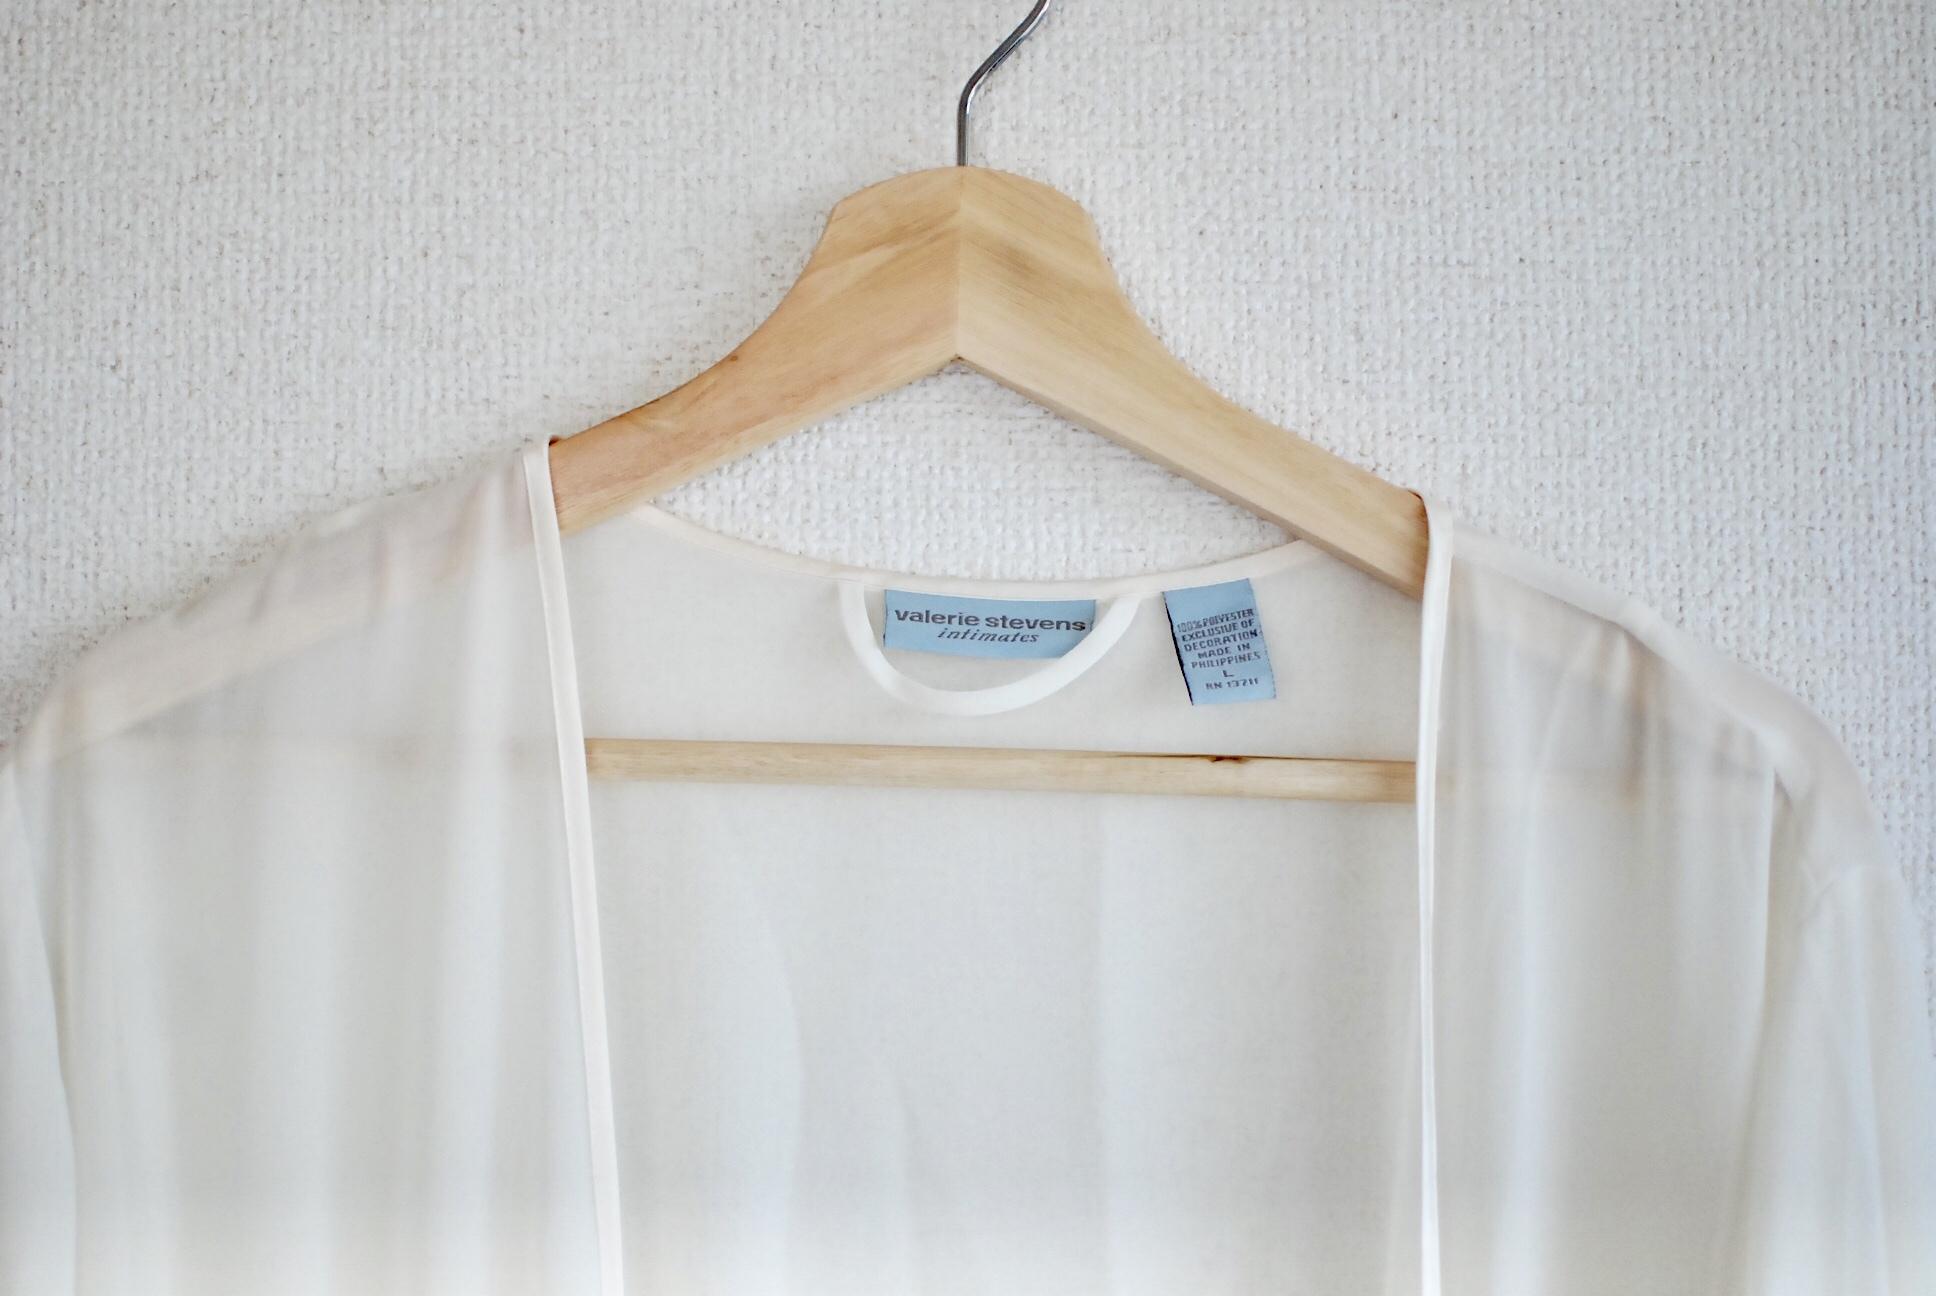 【WOMEN'S】USED Valerie stevens Long Gown